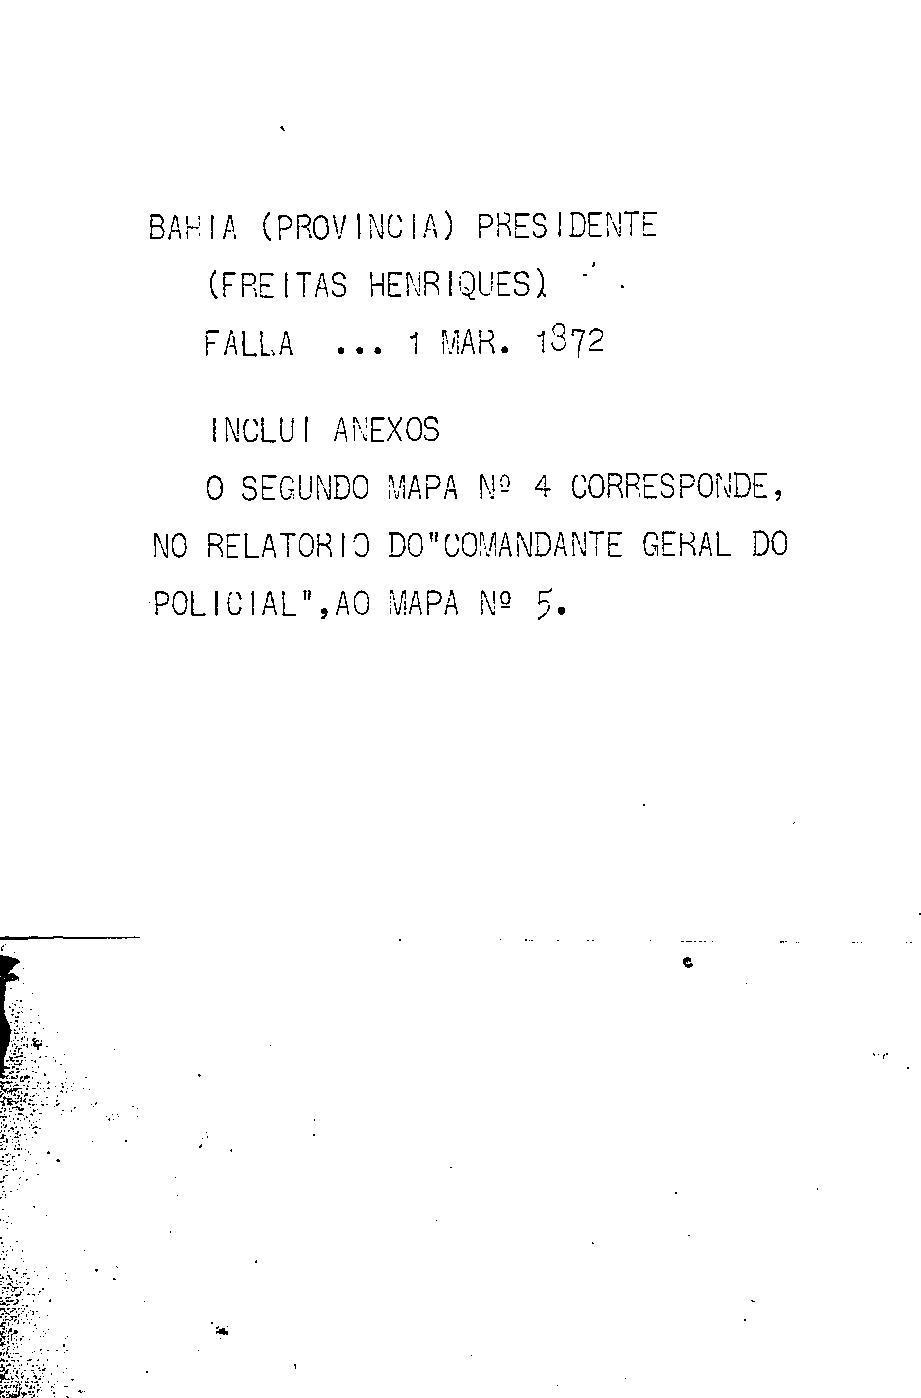 Bahia.Presidente da Província - Falla com que o excellentissimo senhor dezembargador João Antonio de Araujo Freitas Henriques abrio a 1.a sessão da 19.a legislatura da Assembléa Provincial da Bahia em 1.o de março de 1872.